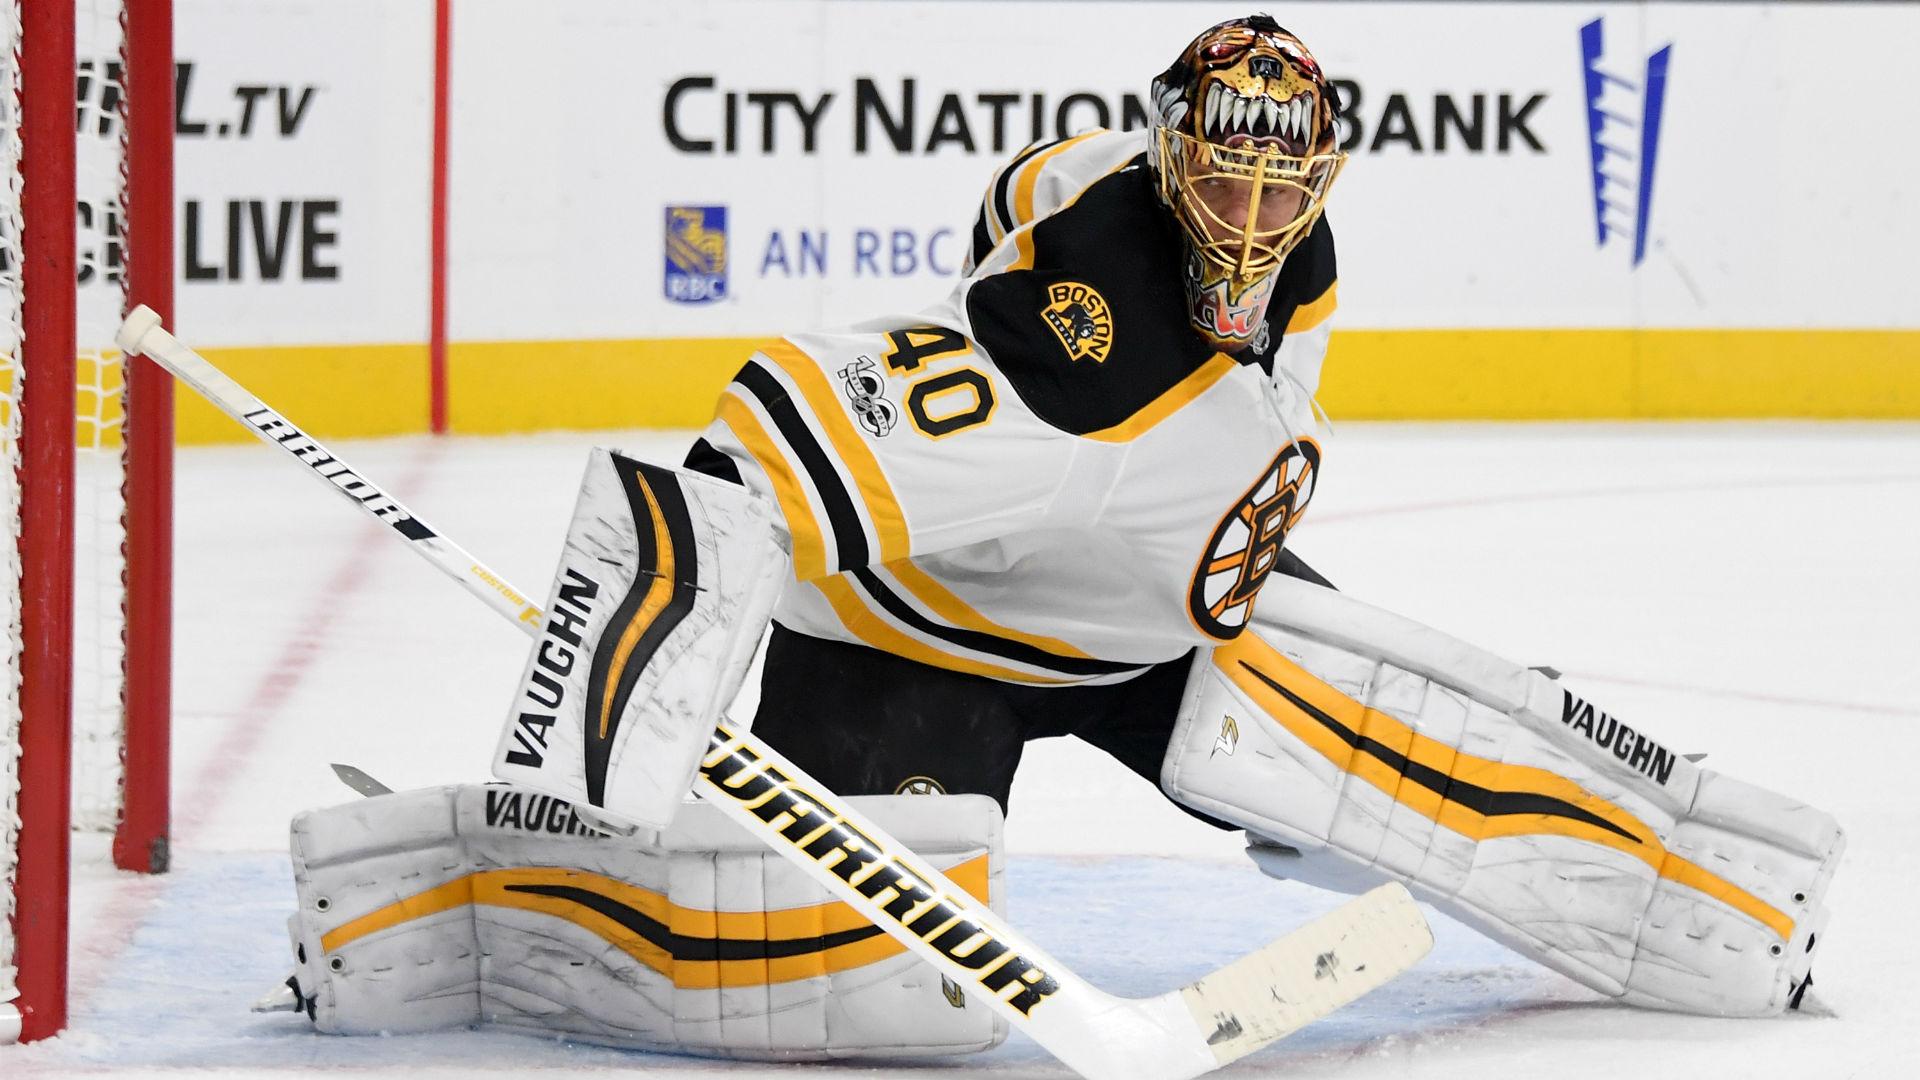 Tuukka Rask injury update: Banged-up Bruins lose starting goalie to concussion